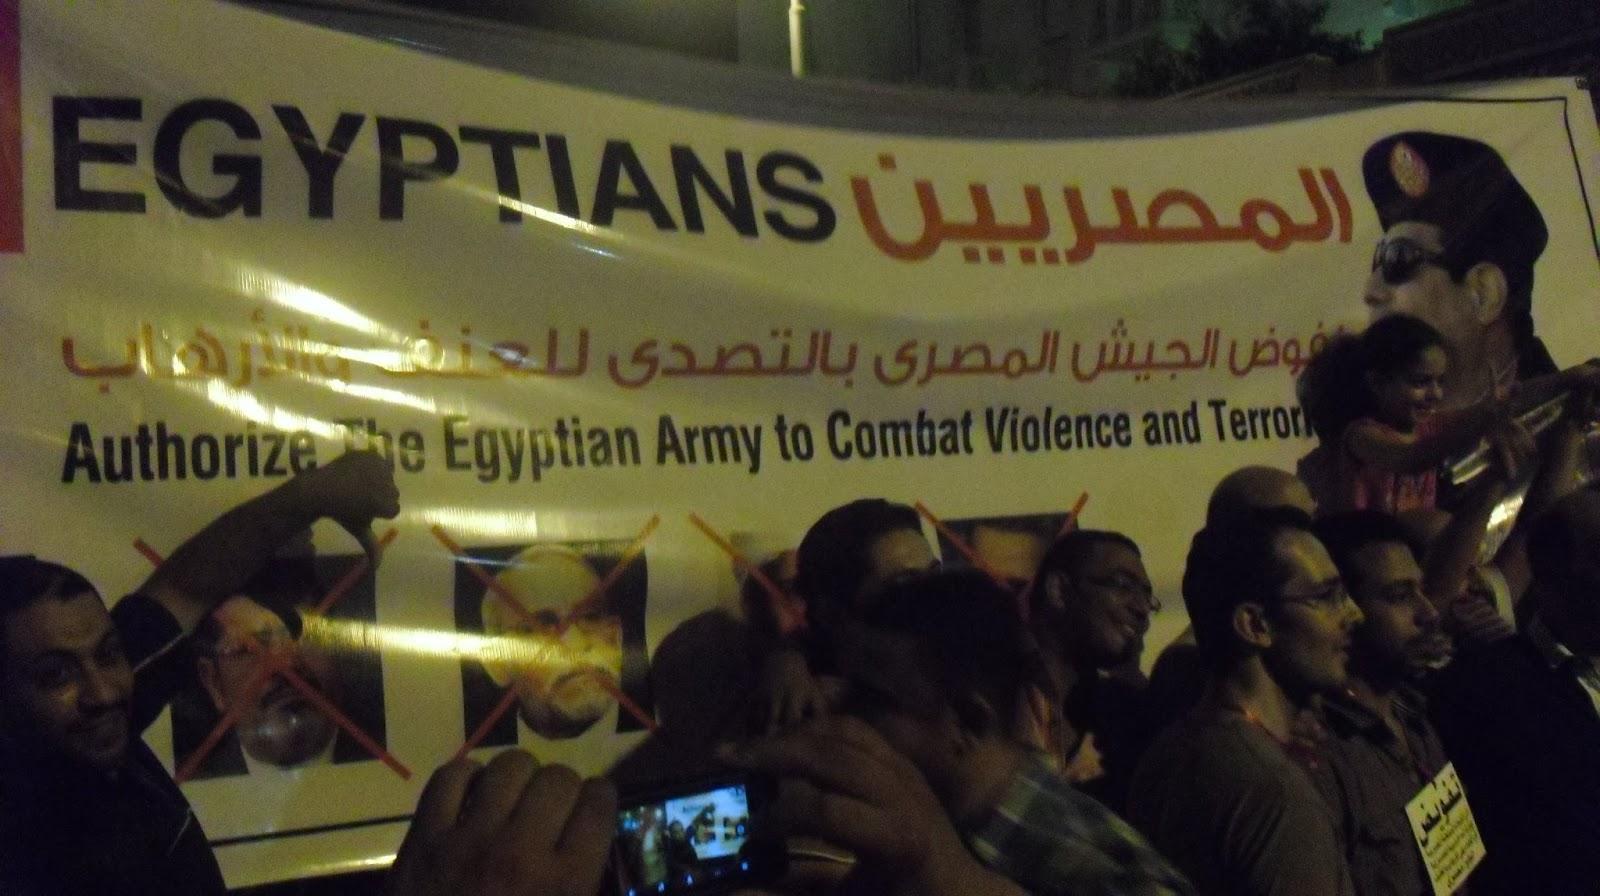 eg july 26 Egyptians authorize army